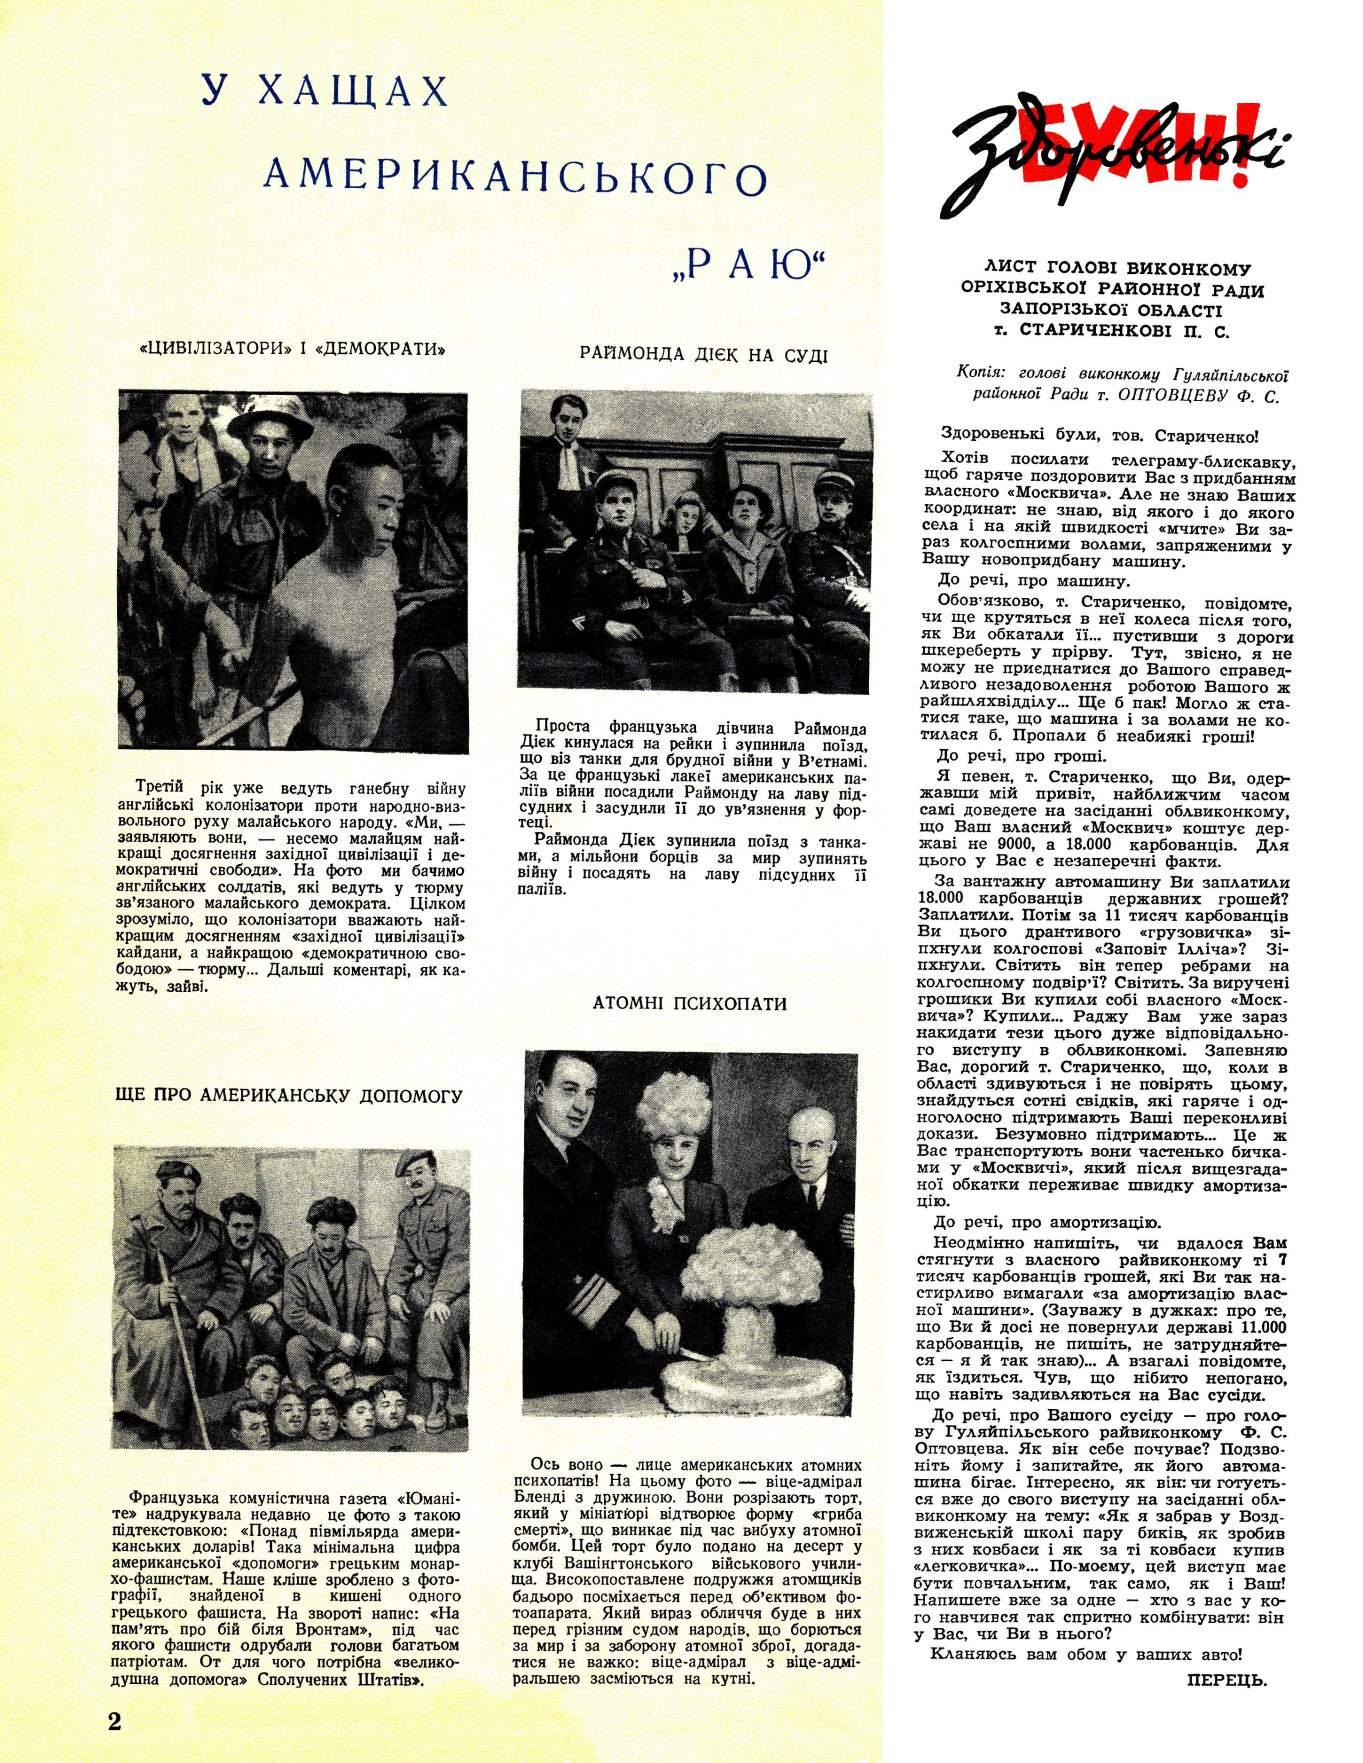 Журнал перець 1950 №16